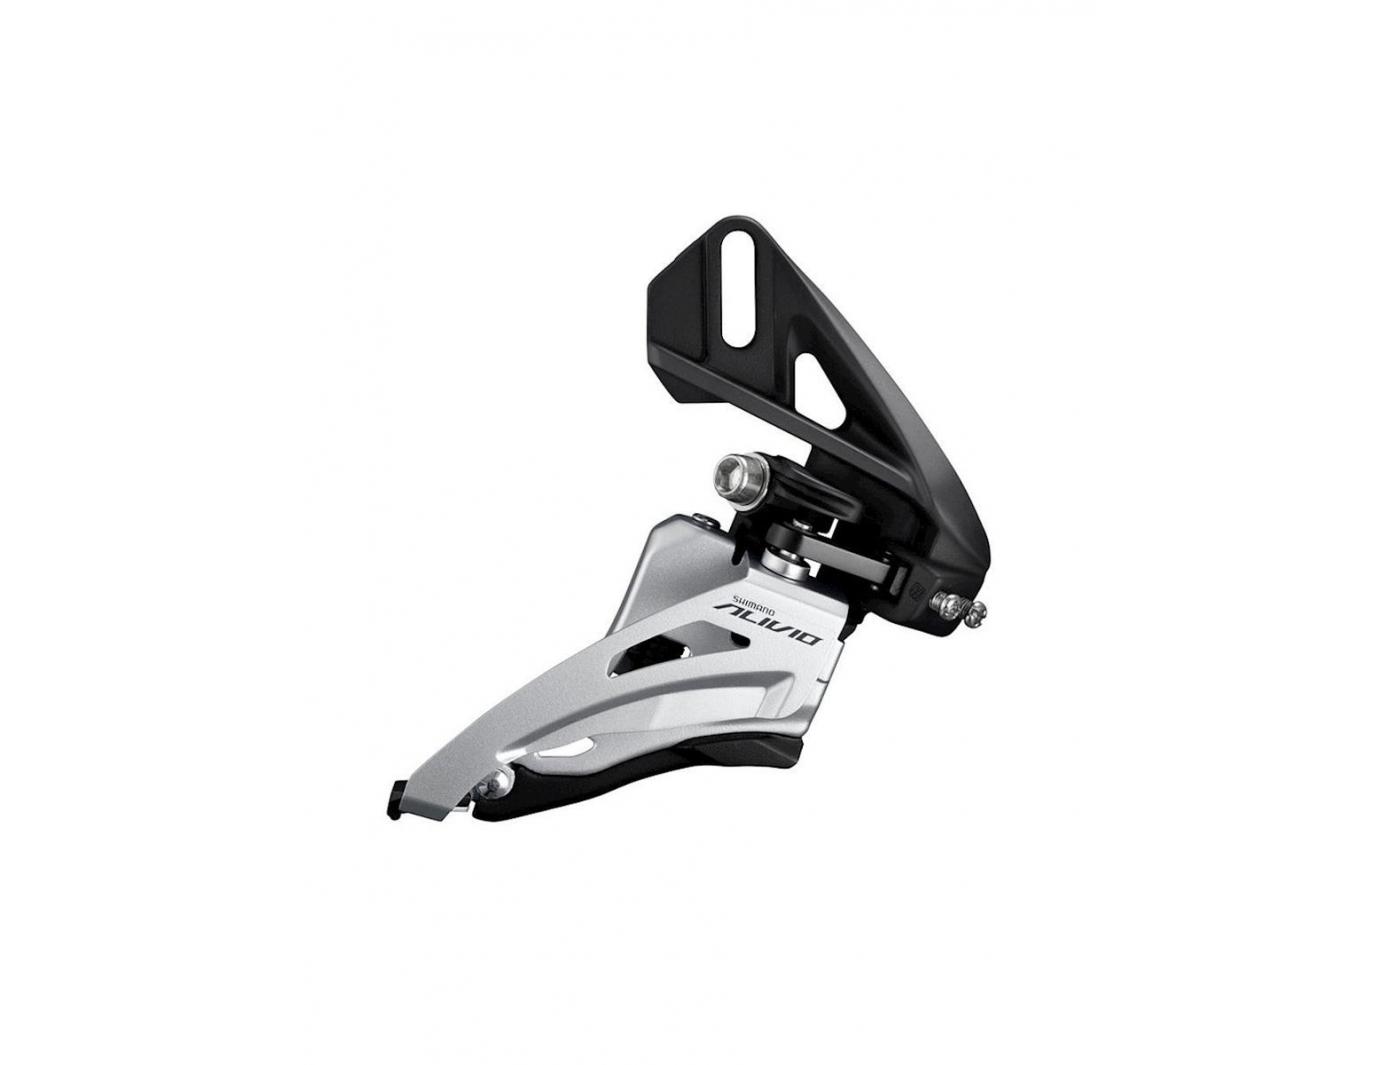 Перек-ль передний Shimano Alivio, M4020, side swing, верхн. тяга, direct mount, для 2x9ск уг.:64-69,